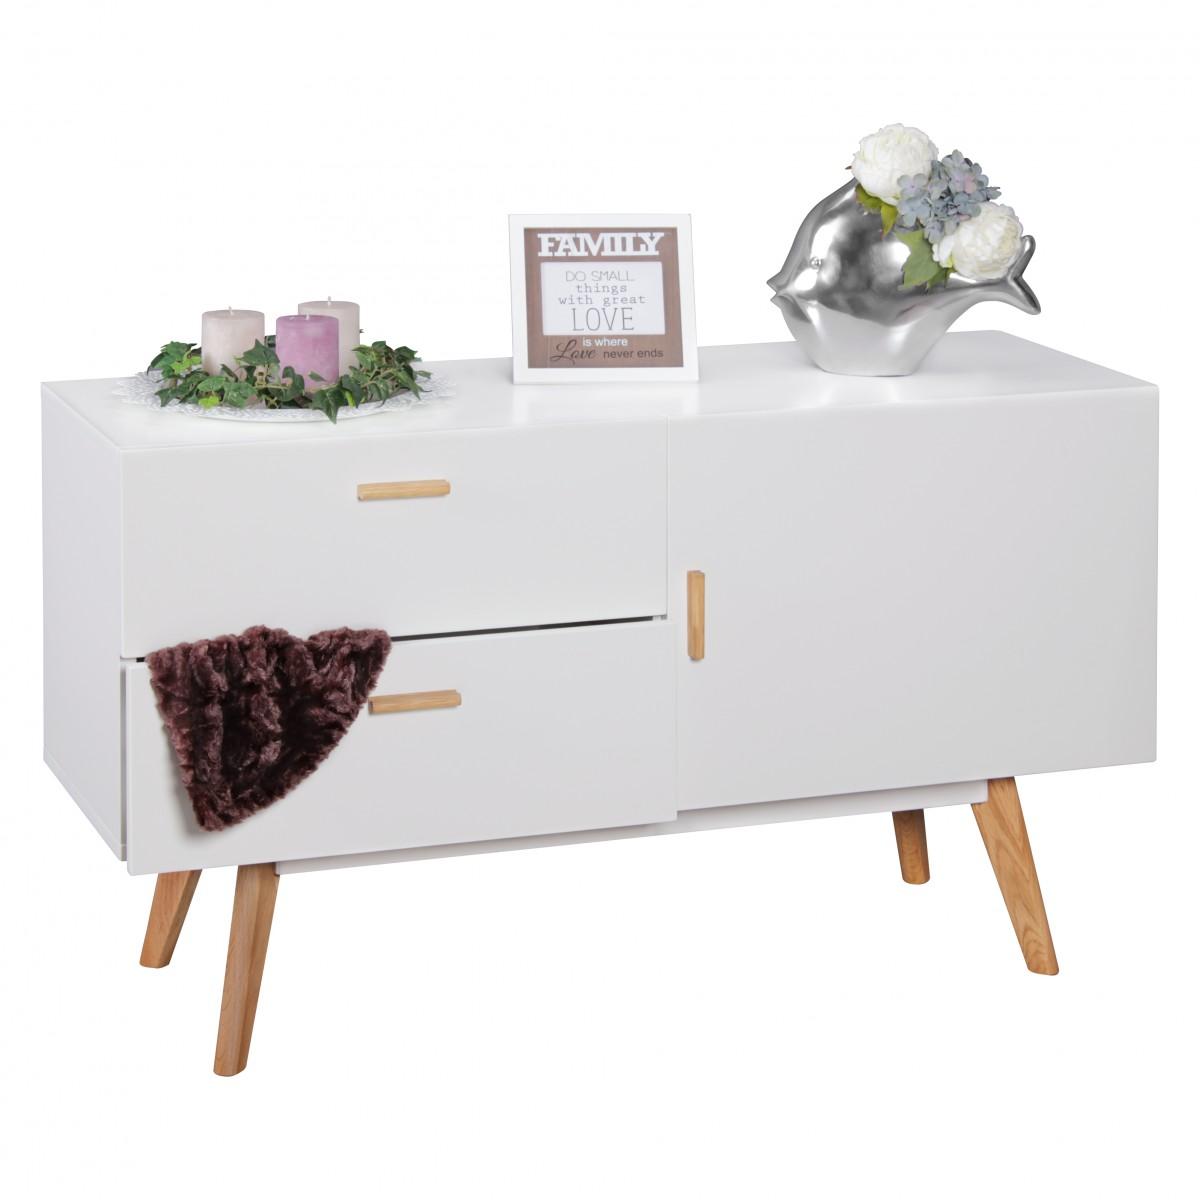 Inspirierend Dielenmöbel Modern Ideen Von Wohnling Sideboard Scanio Mdf Holz Weiß Mit